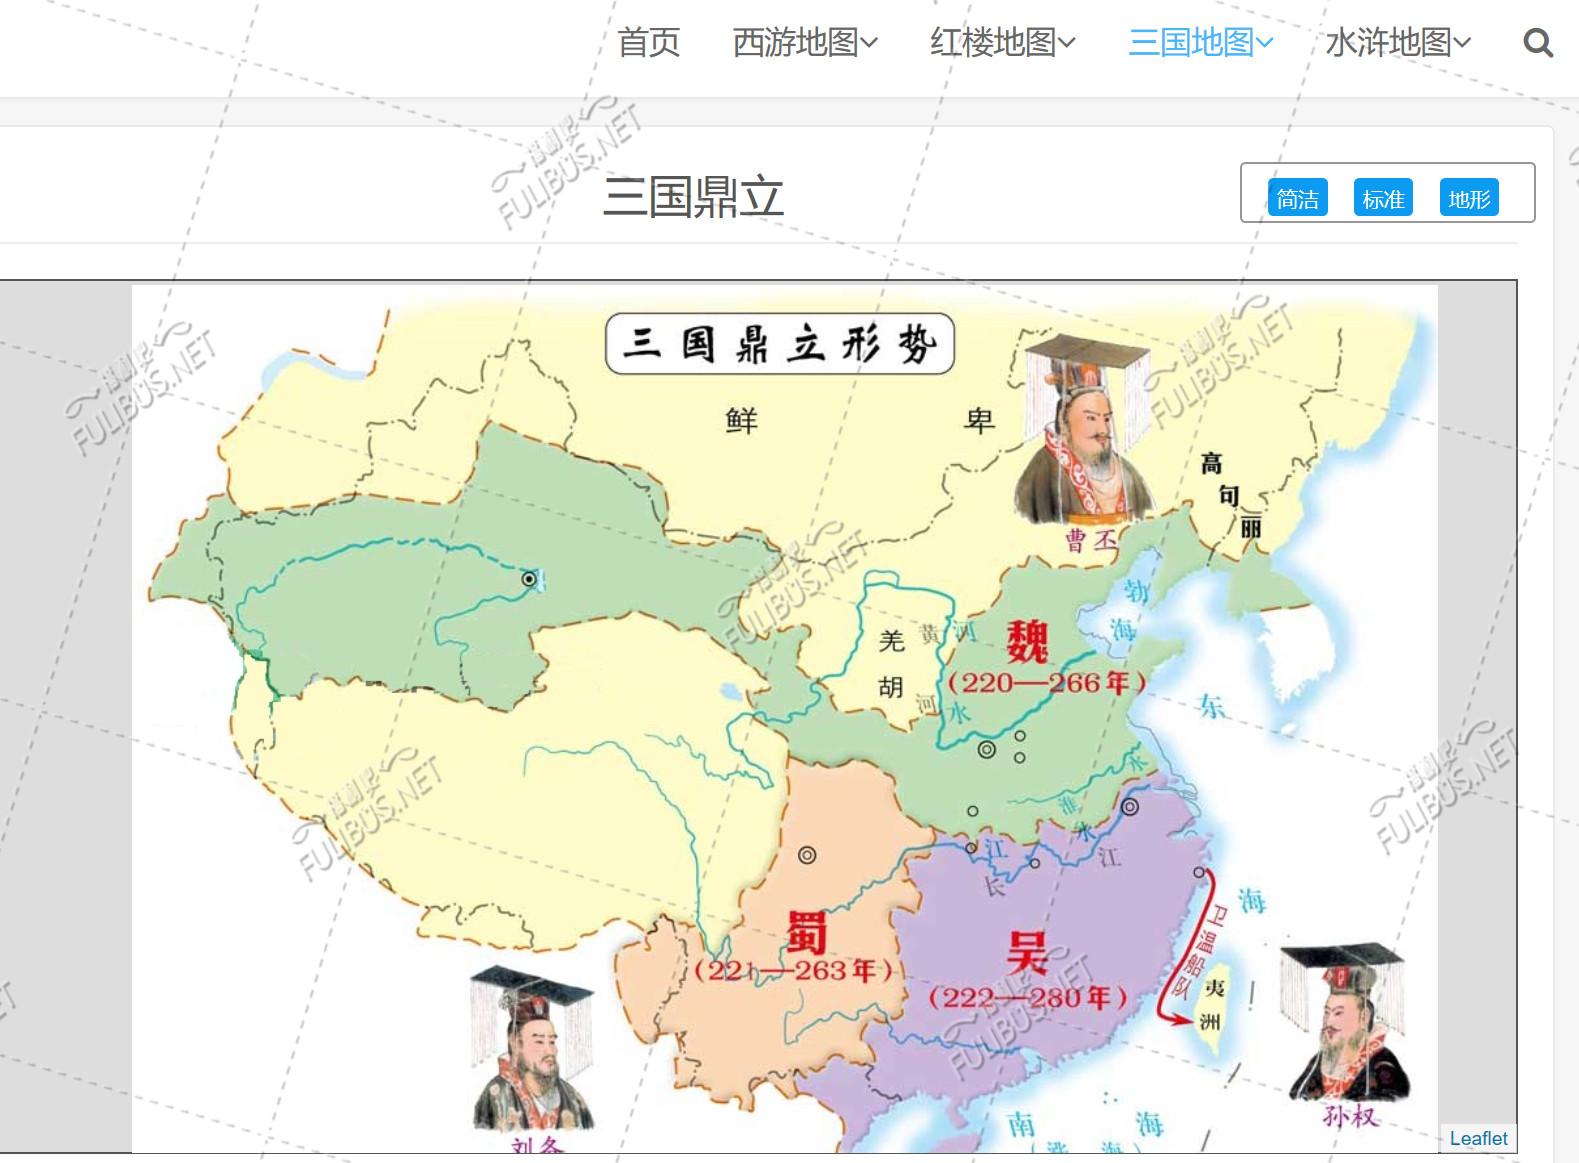 趣味网站第14期 小鸡词典/中国配色/名著地图/海洋之音/LOGO设计  文章推荐  图3